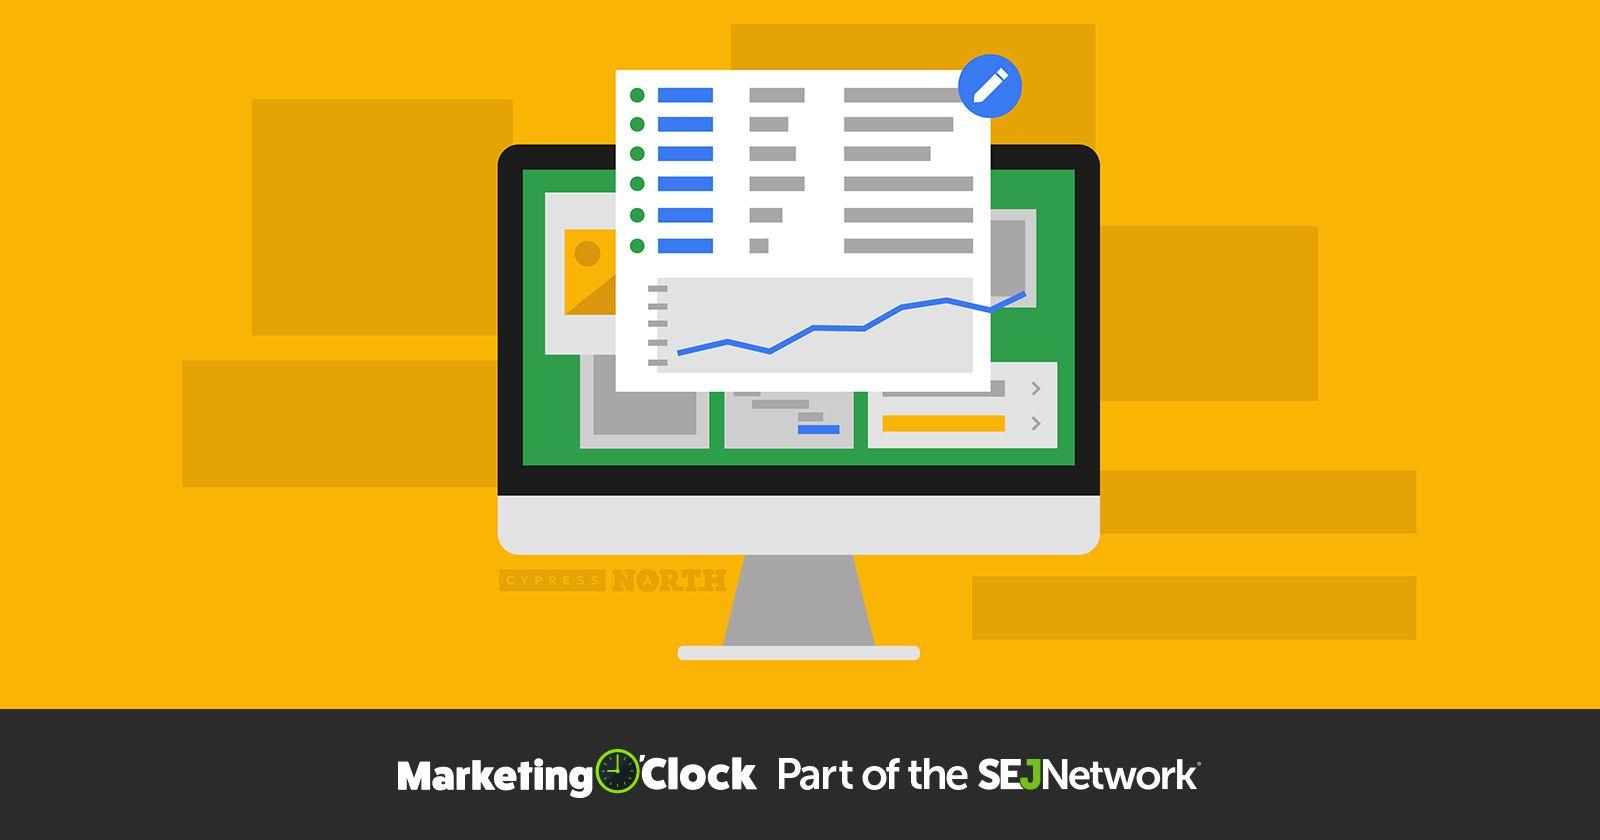 Báo cáo truy cập tốt nhất cho các chiến dịch ứng dụng và tin tức của Google 3